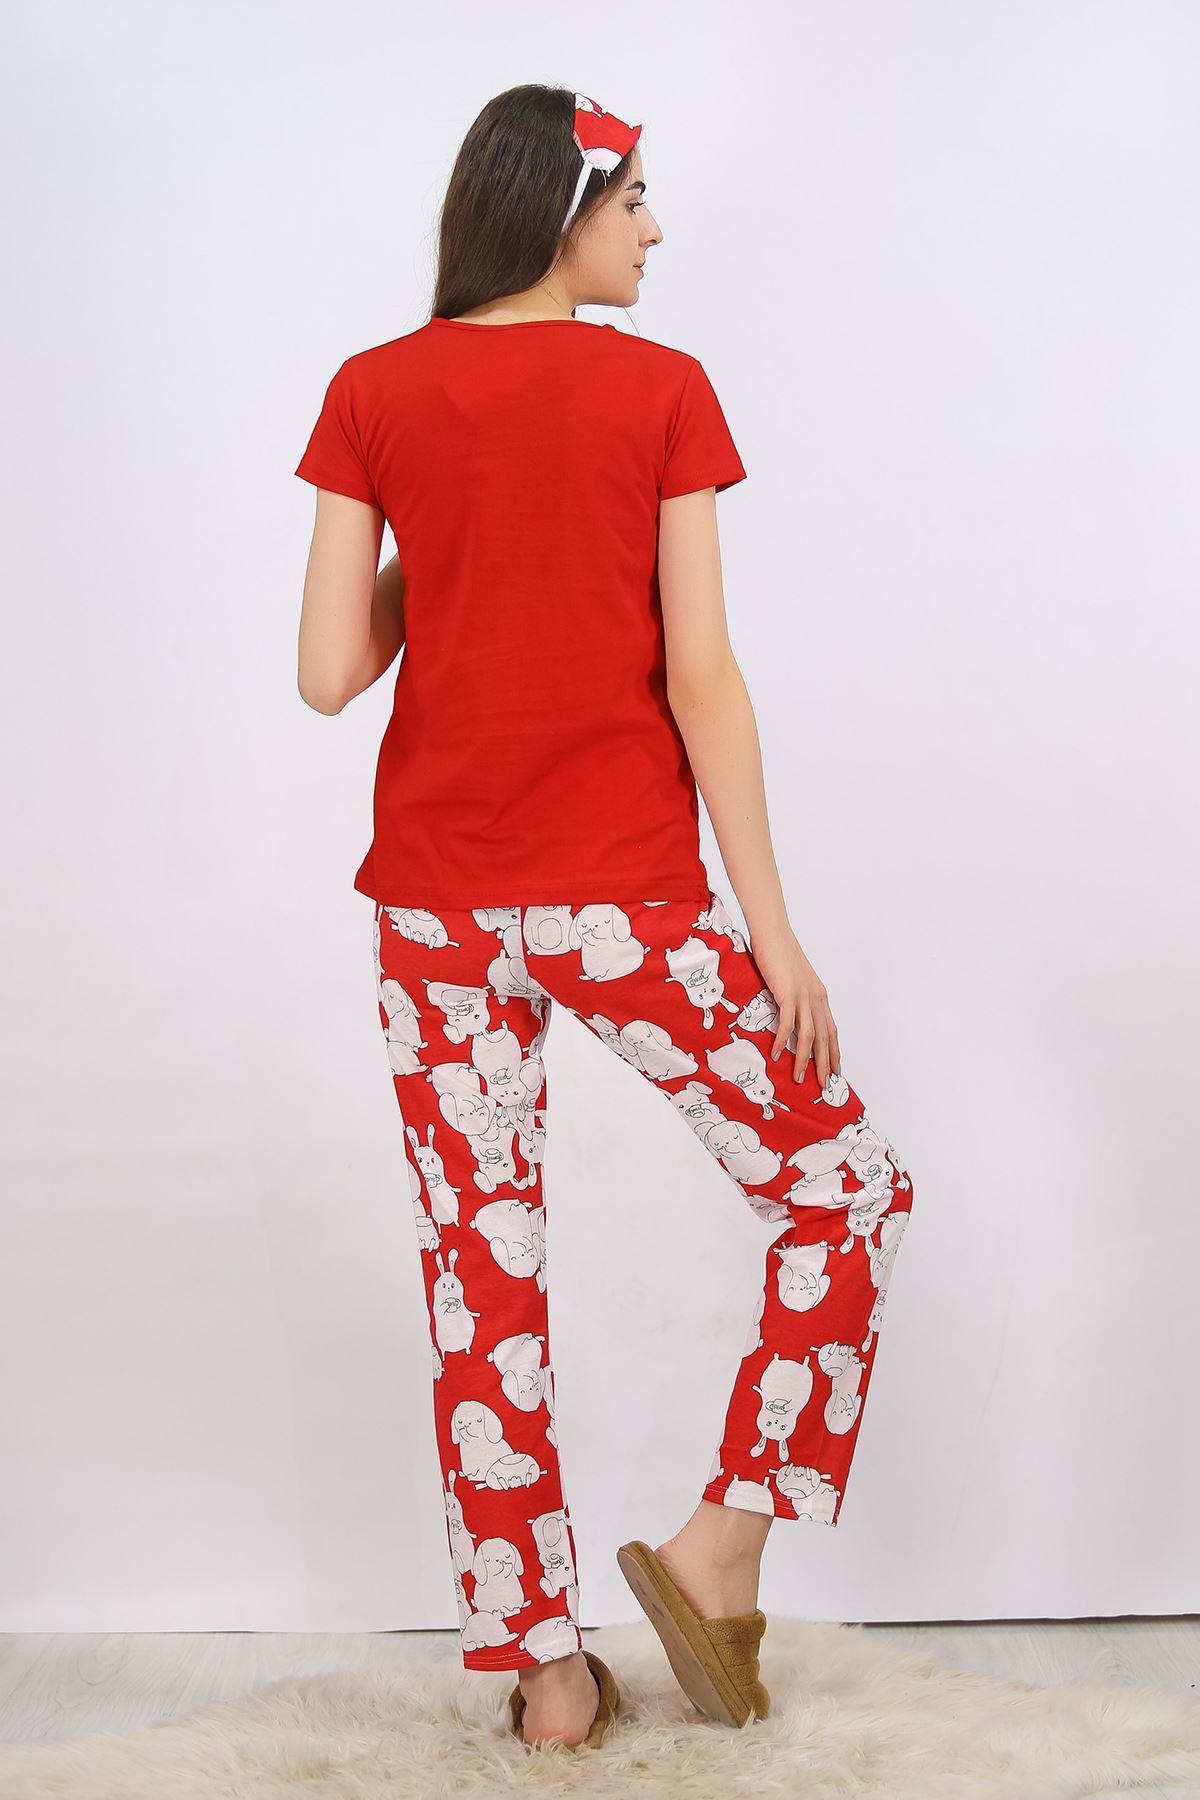 Baskılı Pijama Takımı Kırmızı - 4699.102.